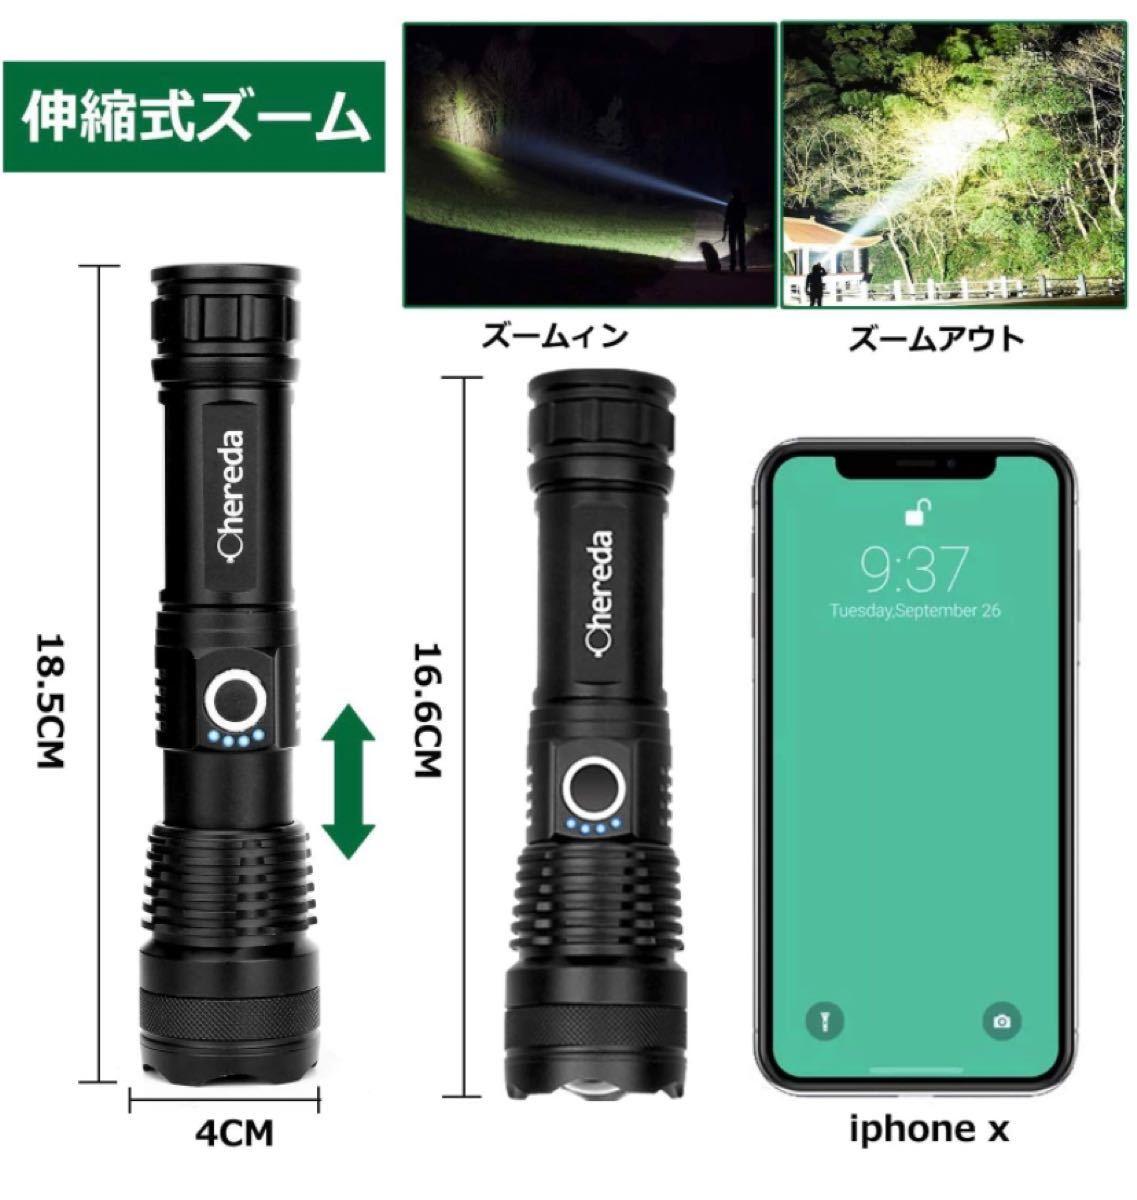 懐中電灯 充電式 LEDライトusb充電式防災対策3000ルーメン 5モード調光